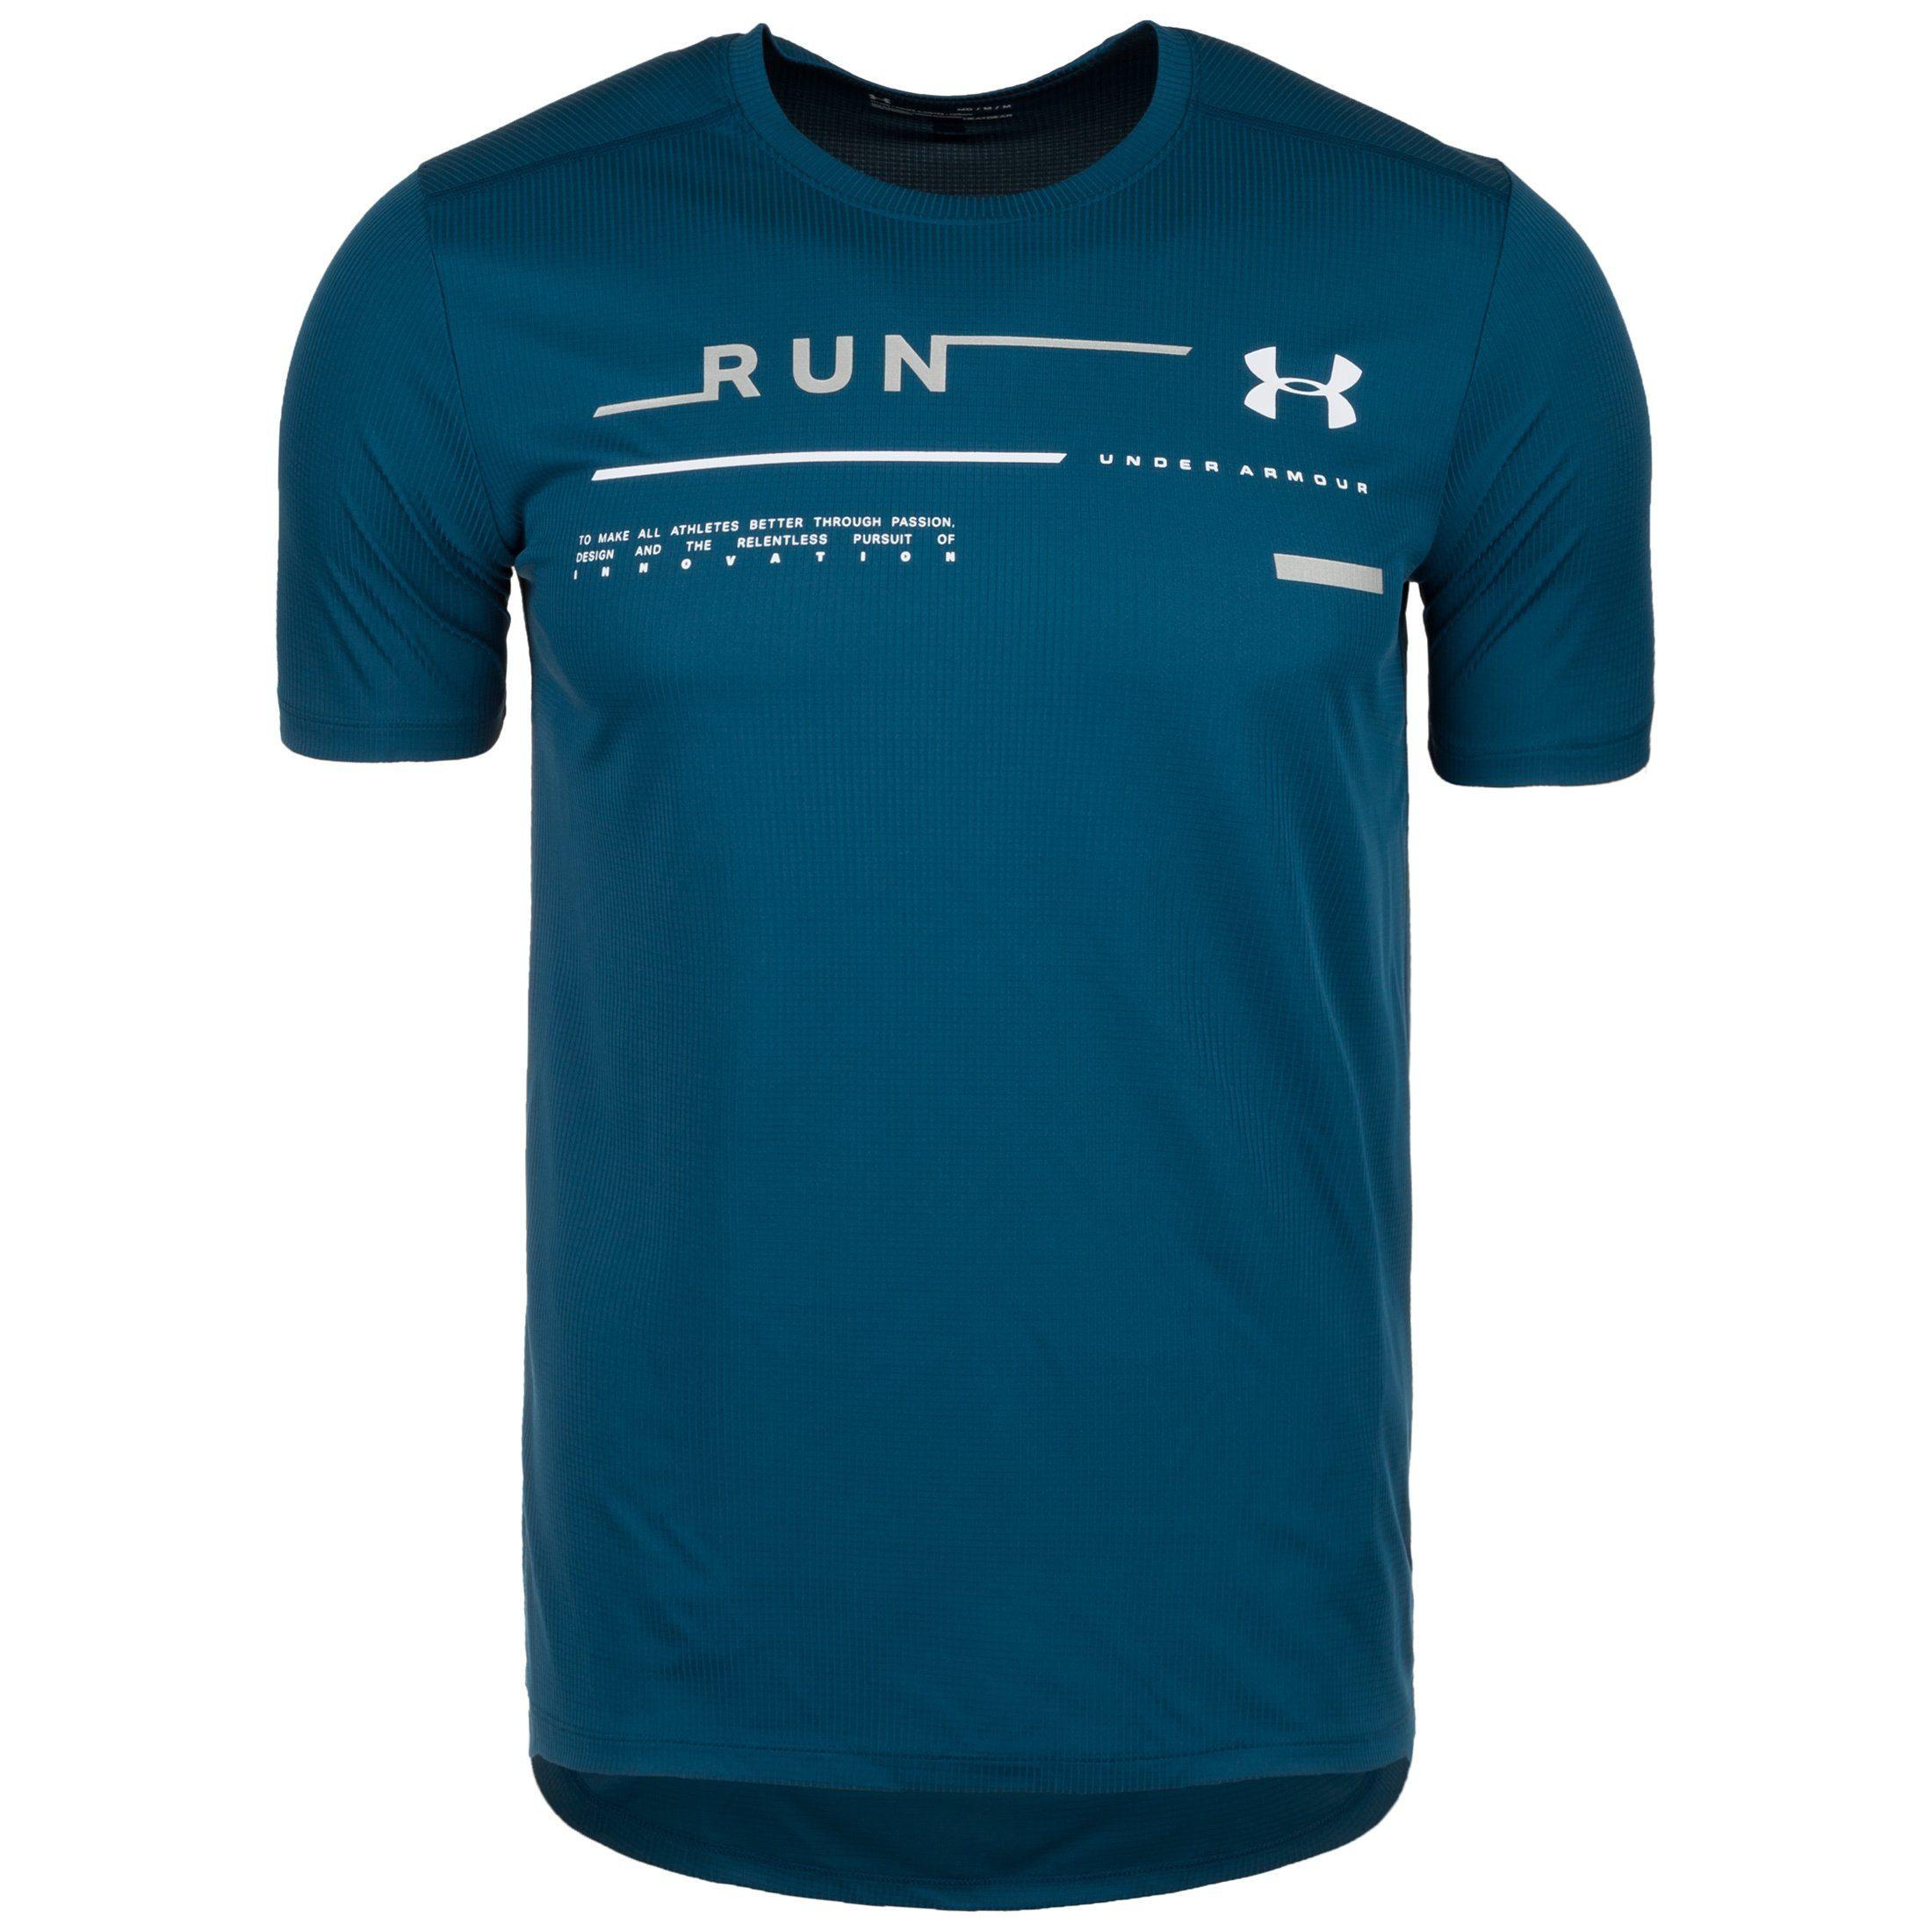 Under Armour Laufshirt Run Graphic   Sportbekleidung > Sportshirts > Laufshirts   Blau   Under Armour